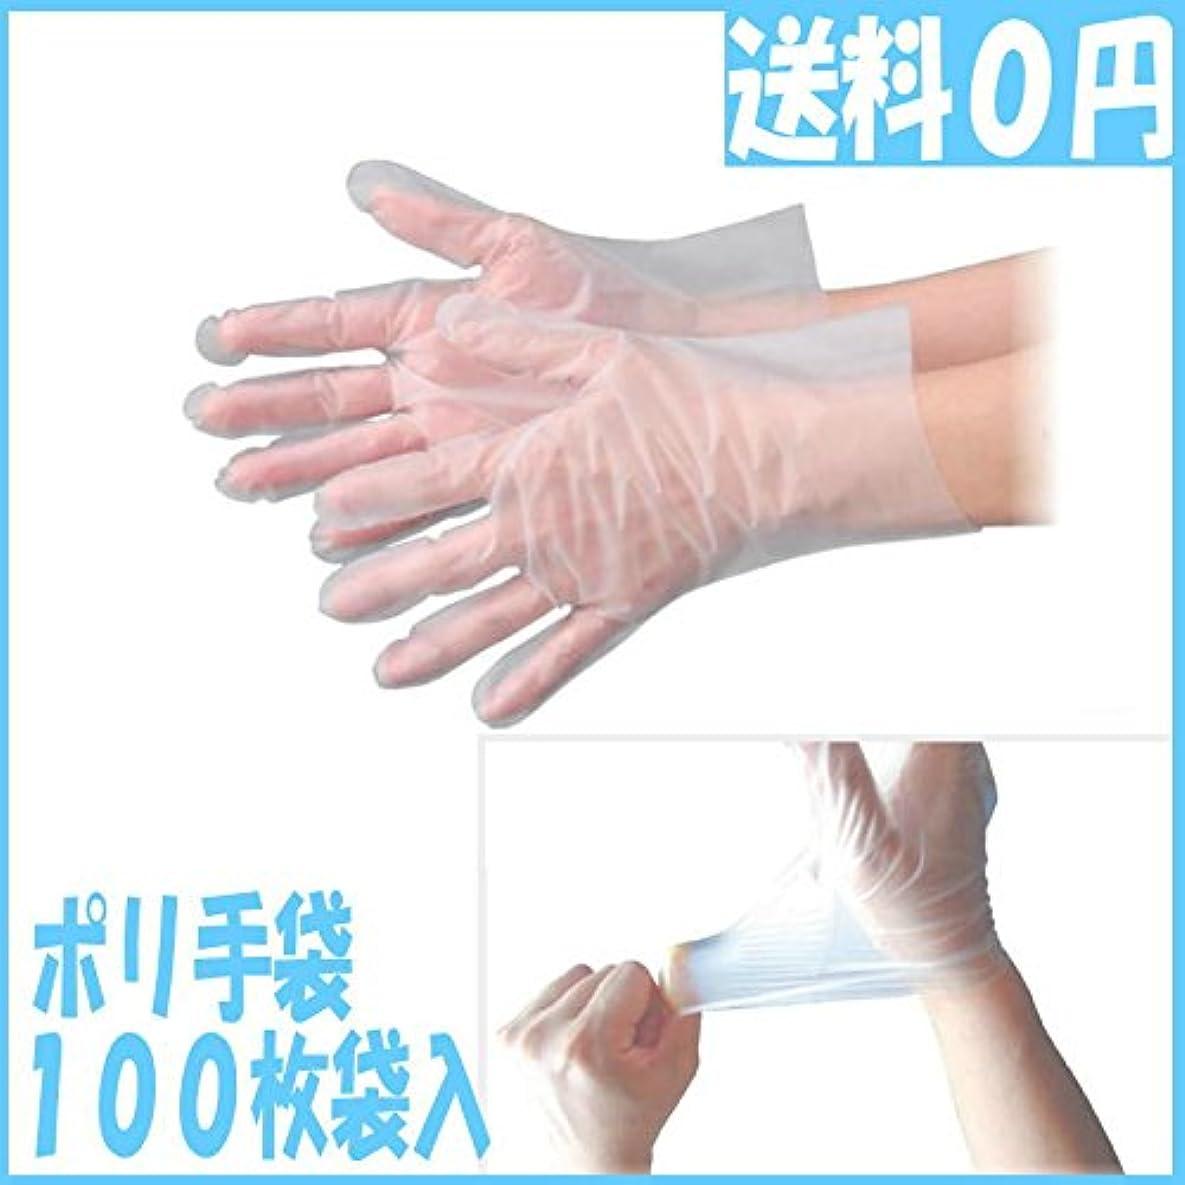 ペンストラフィック変化使い捨てポリエチレン手袋 100枚袋入り シルキータッチ35【ポリ手袋】 (S)